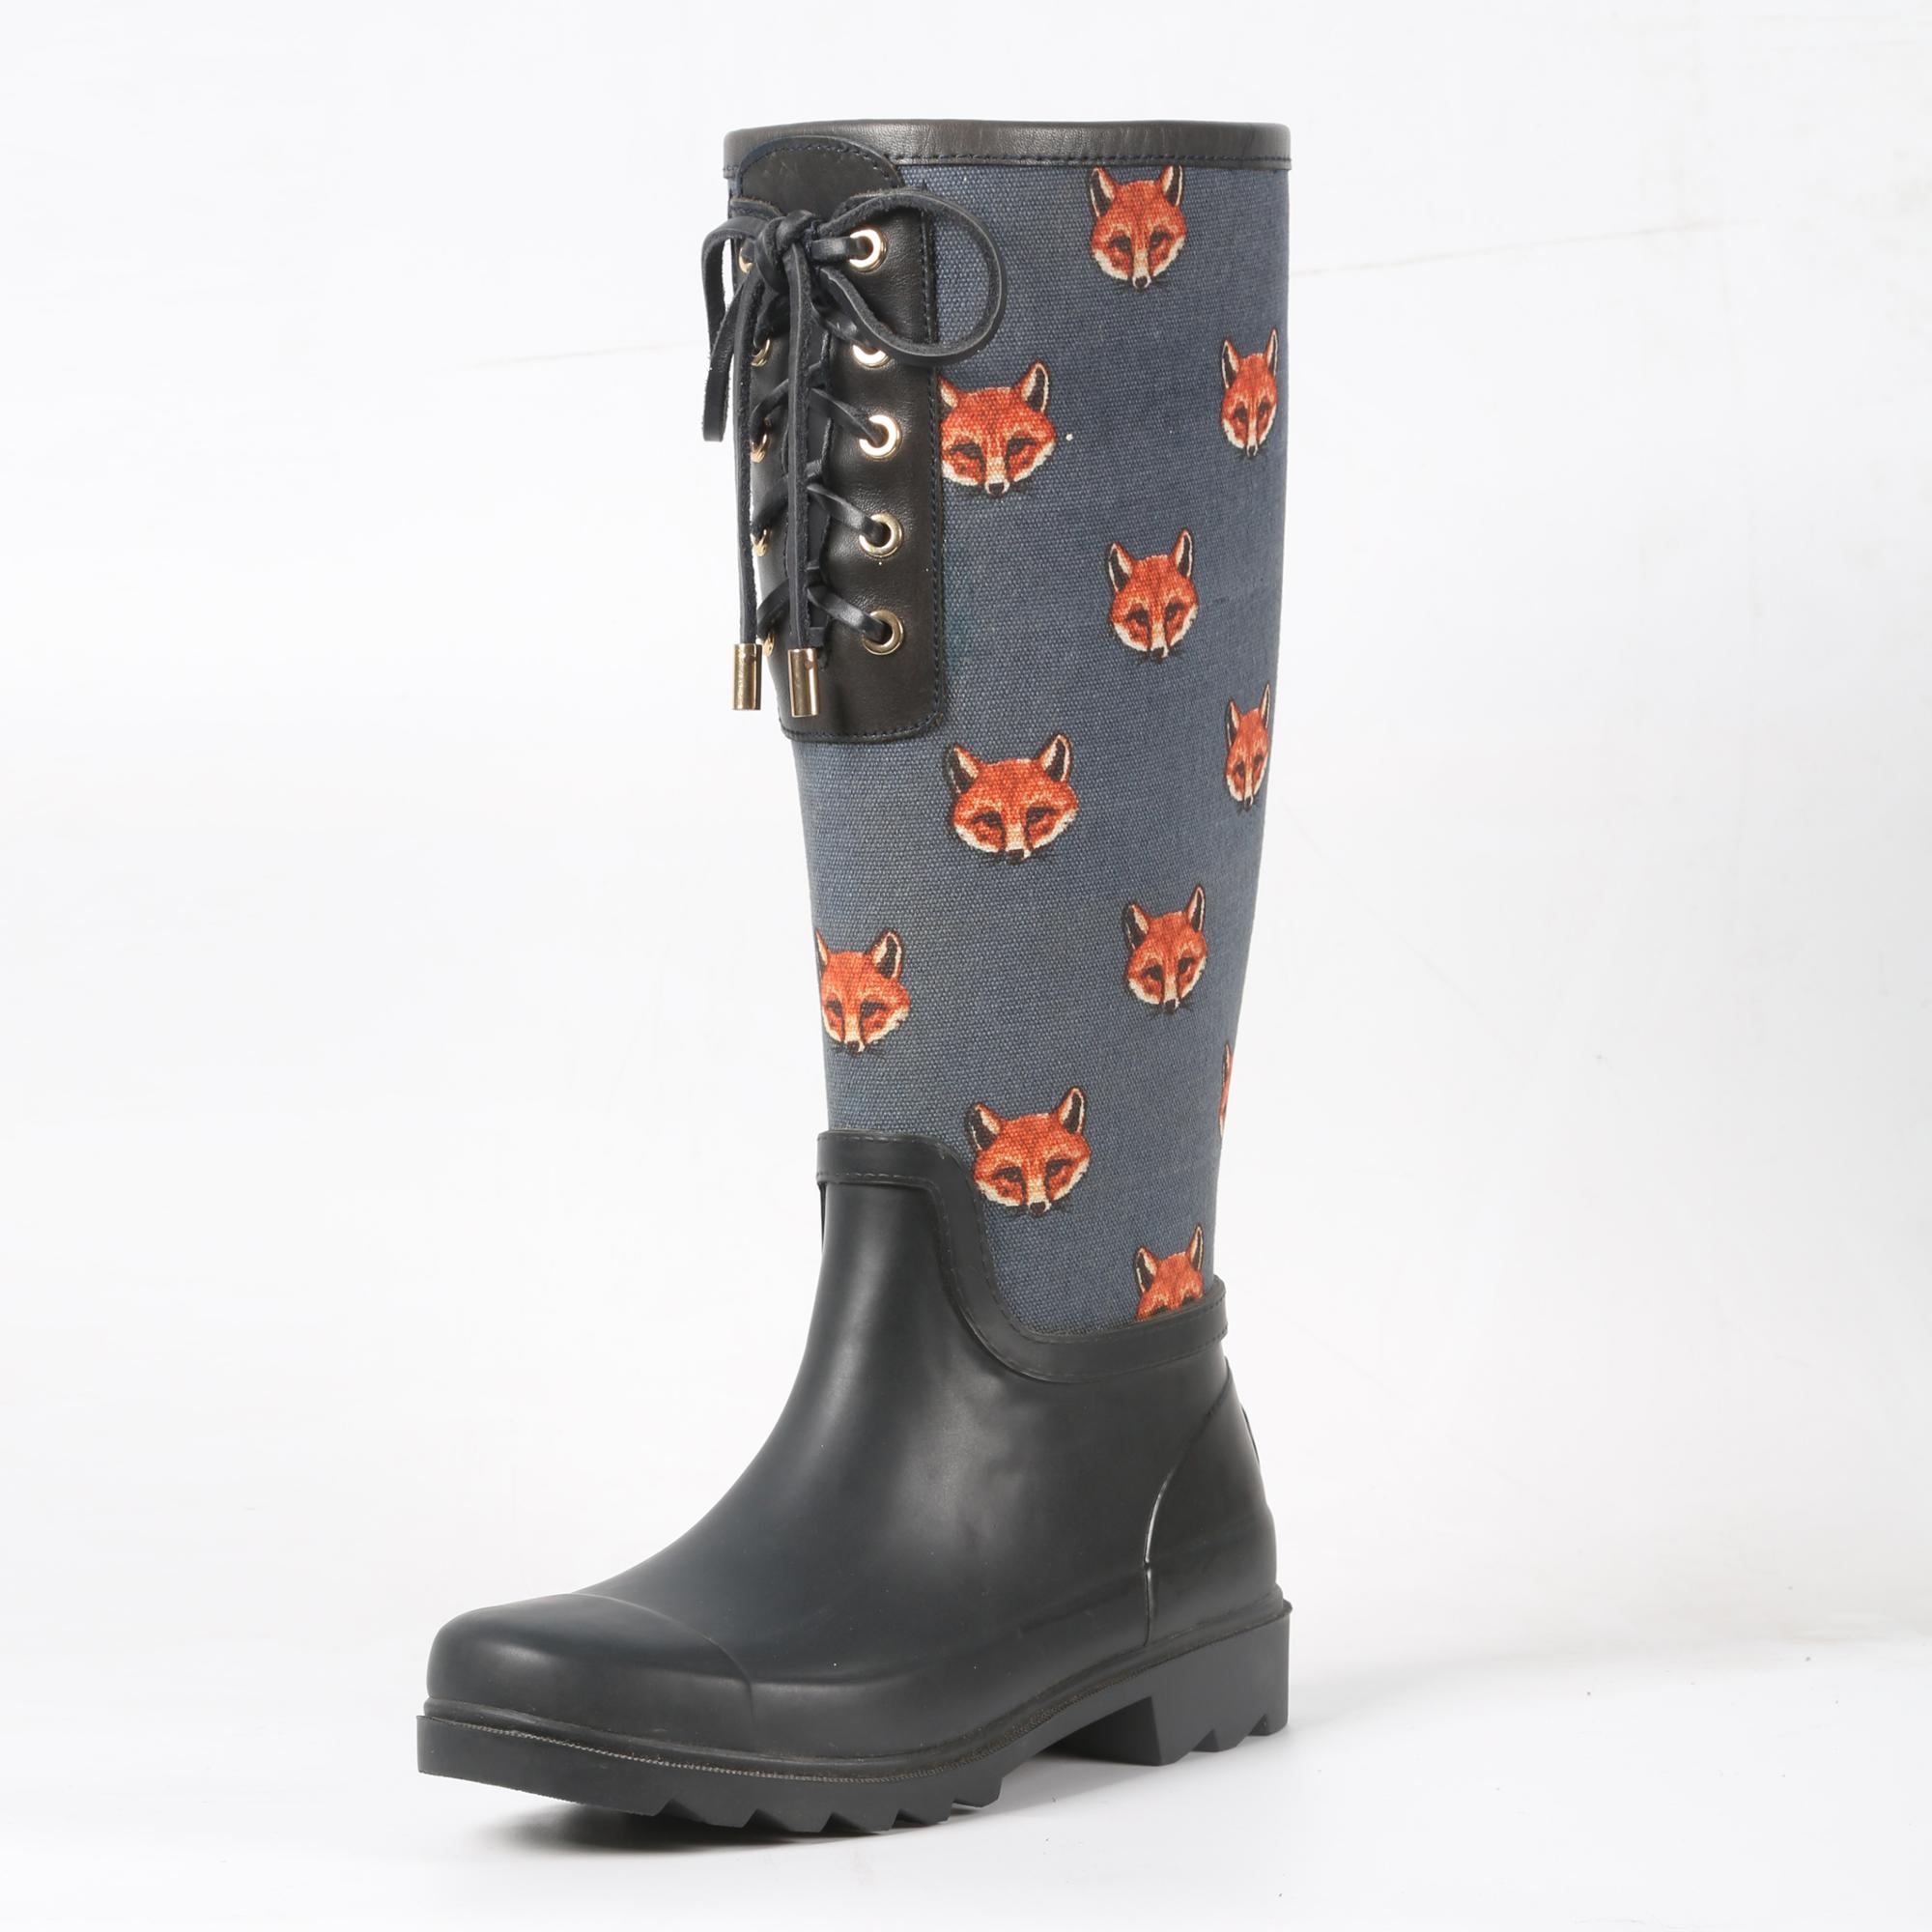 Spring Summer Rain Boot Women Rubber